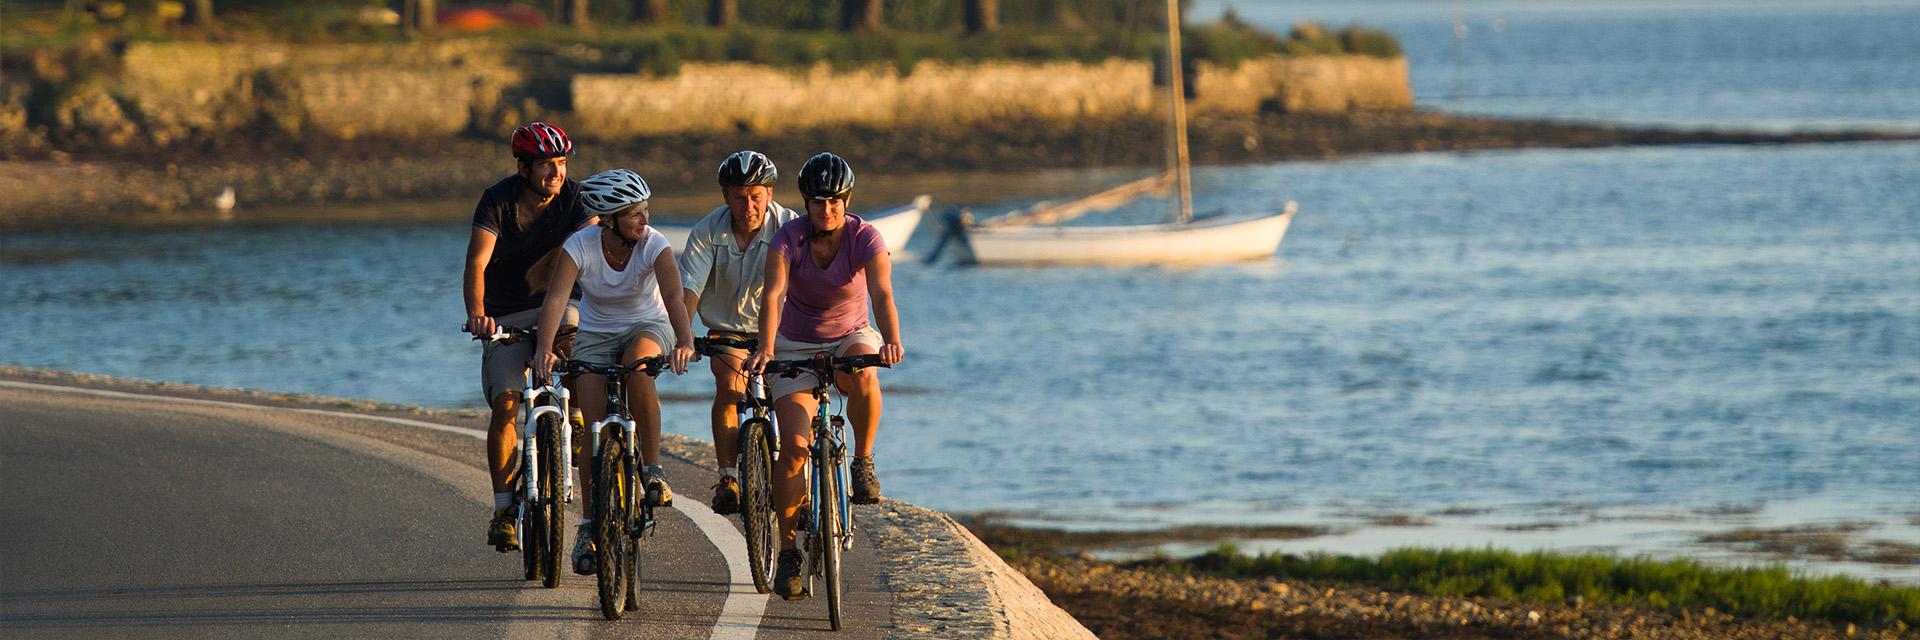 Village_club_vacances_bretagne-sud-la-pierre-bleue-rando-plage